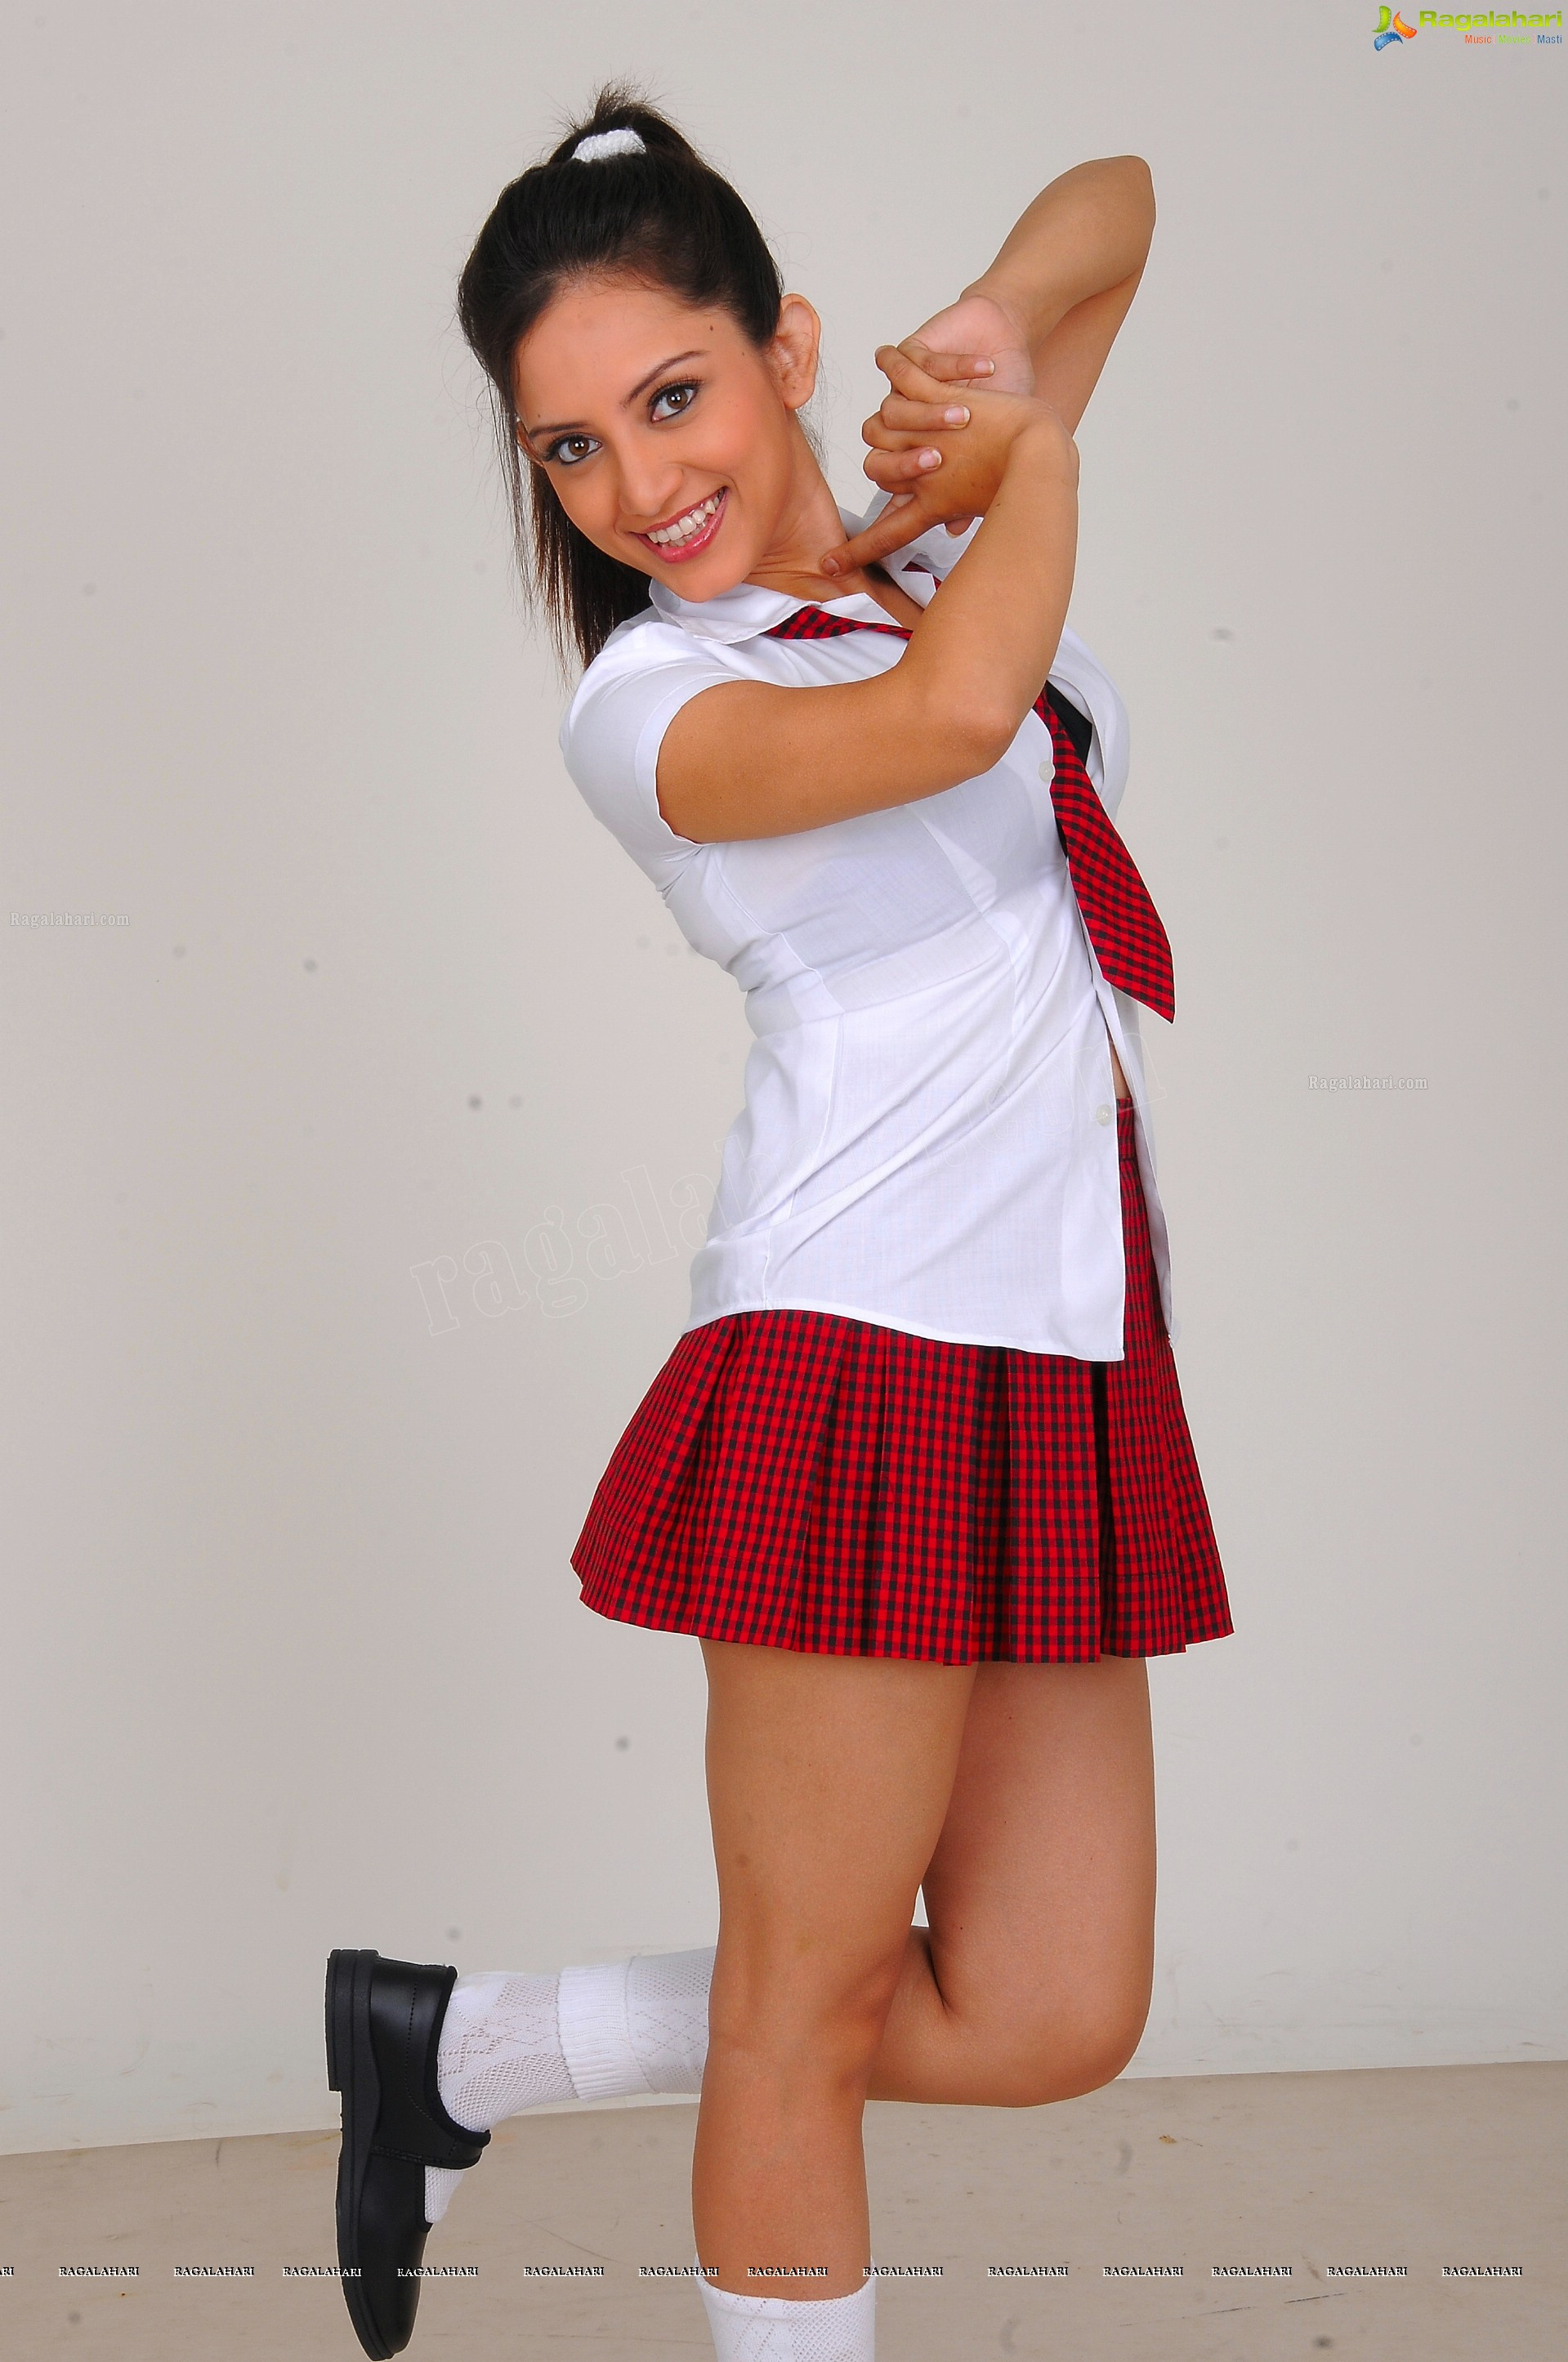 http://img.raagalahari.com/june2013/hd/telugu-heroine-leesa/telugu-heroine-leesa46.jpg